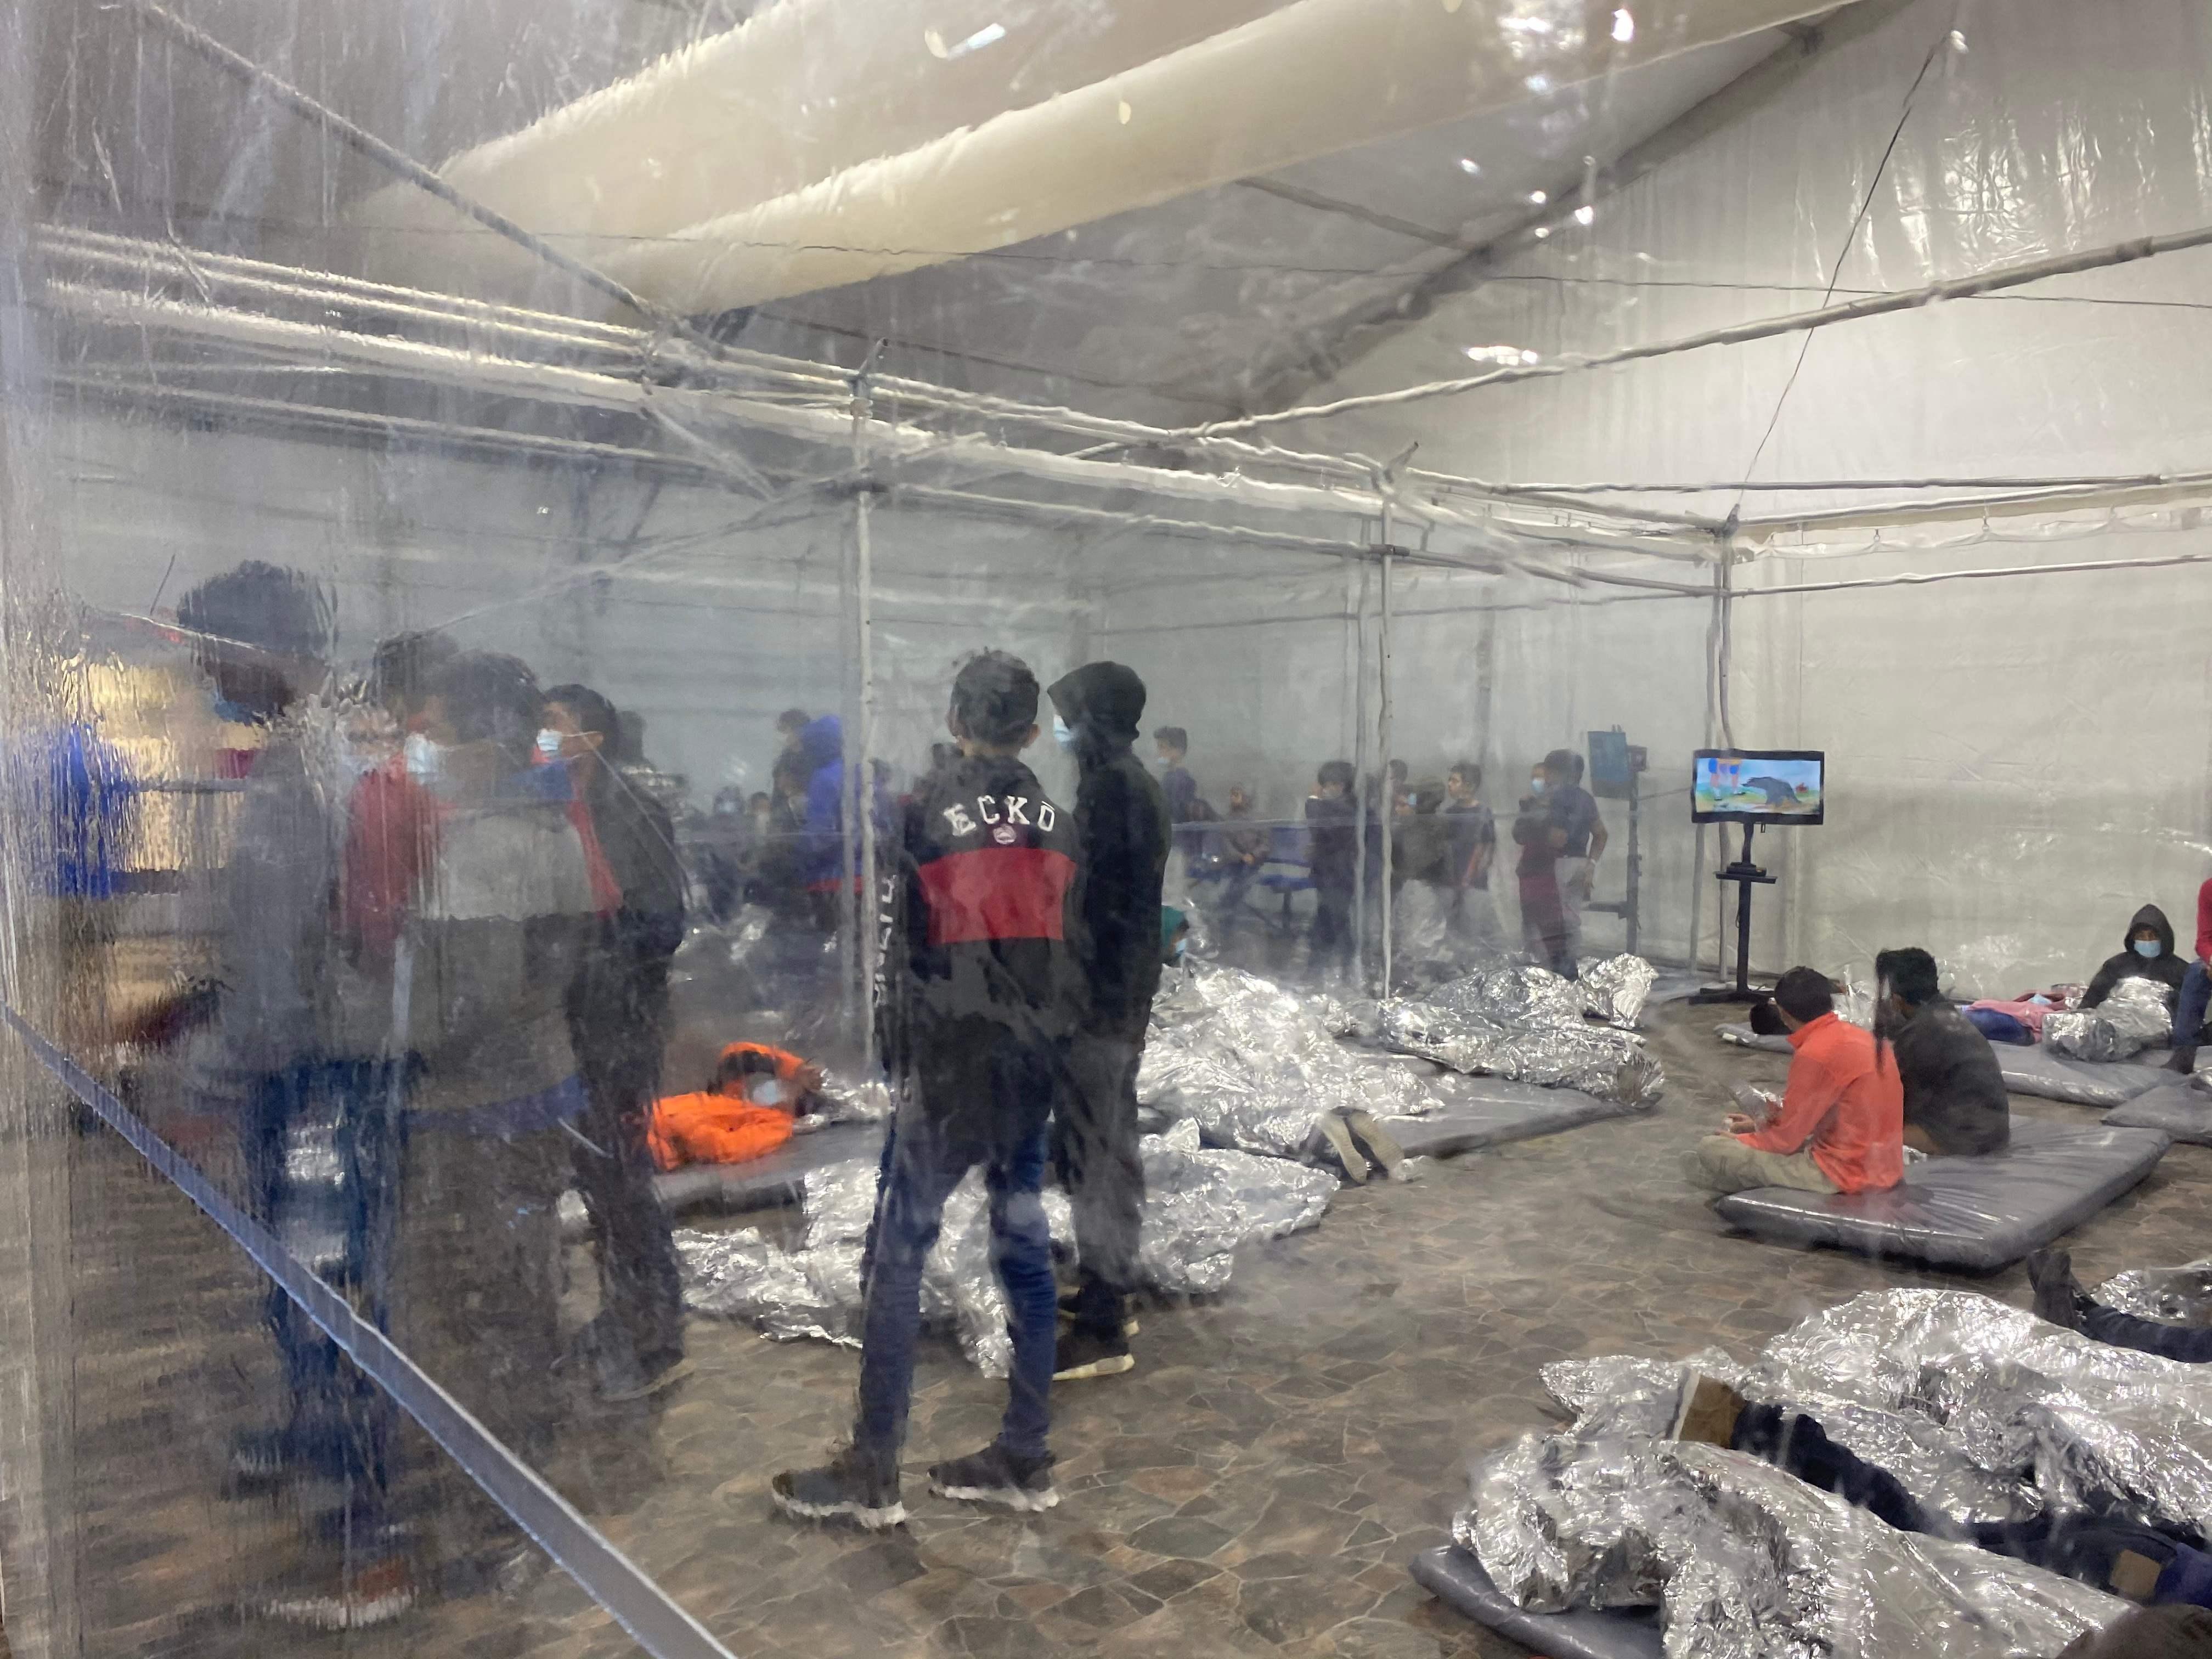 Interiore del centro de migrantes en Donna, Texas.